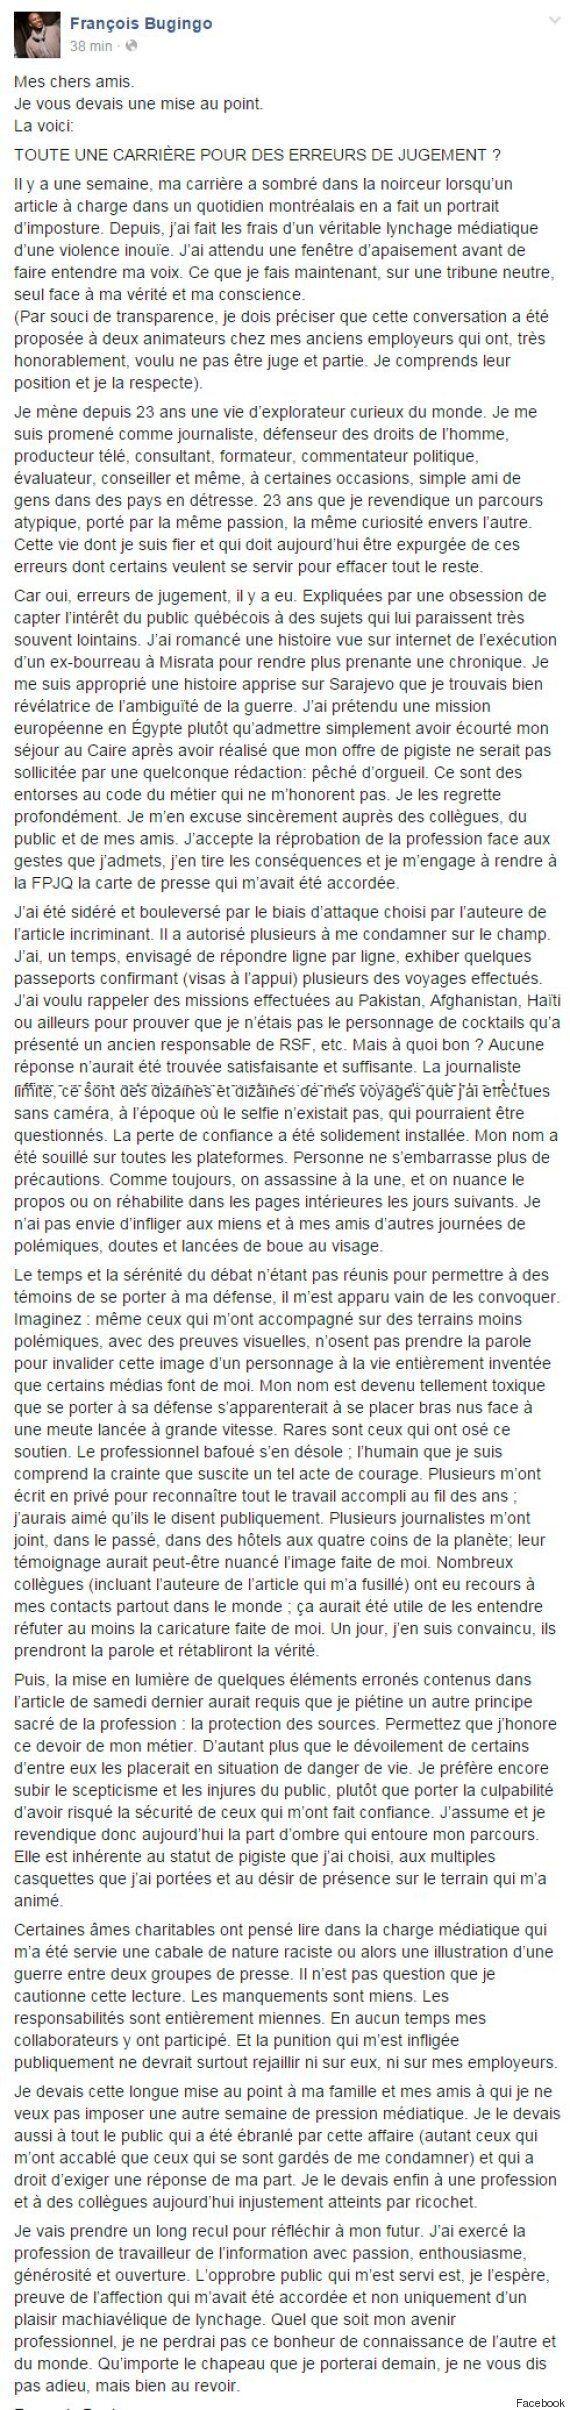 L'intégralité de la lettre de François Bugingo publiée sur